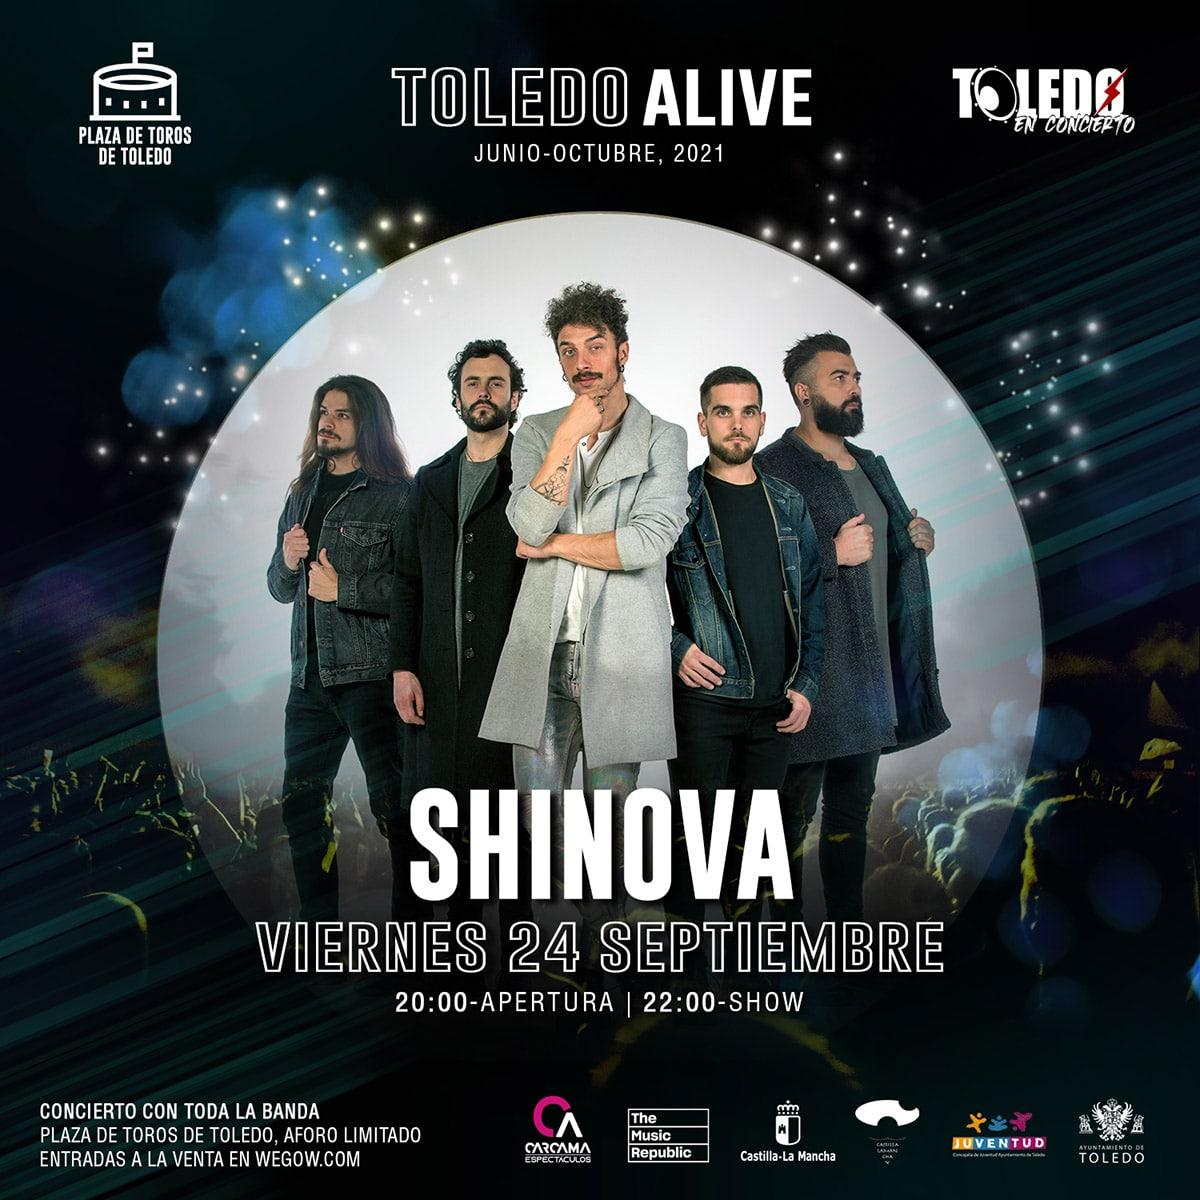 concierto-de-shinova-en-toledo.jpg